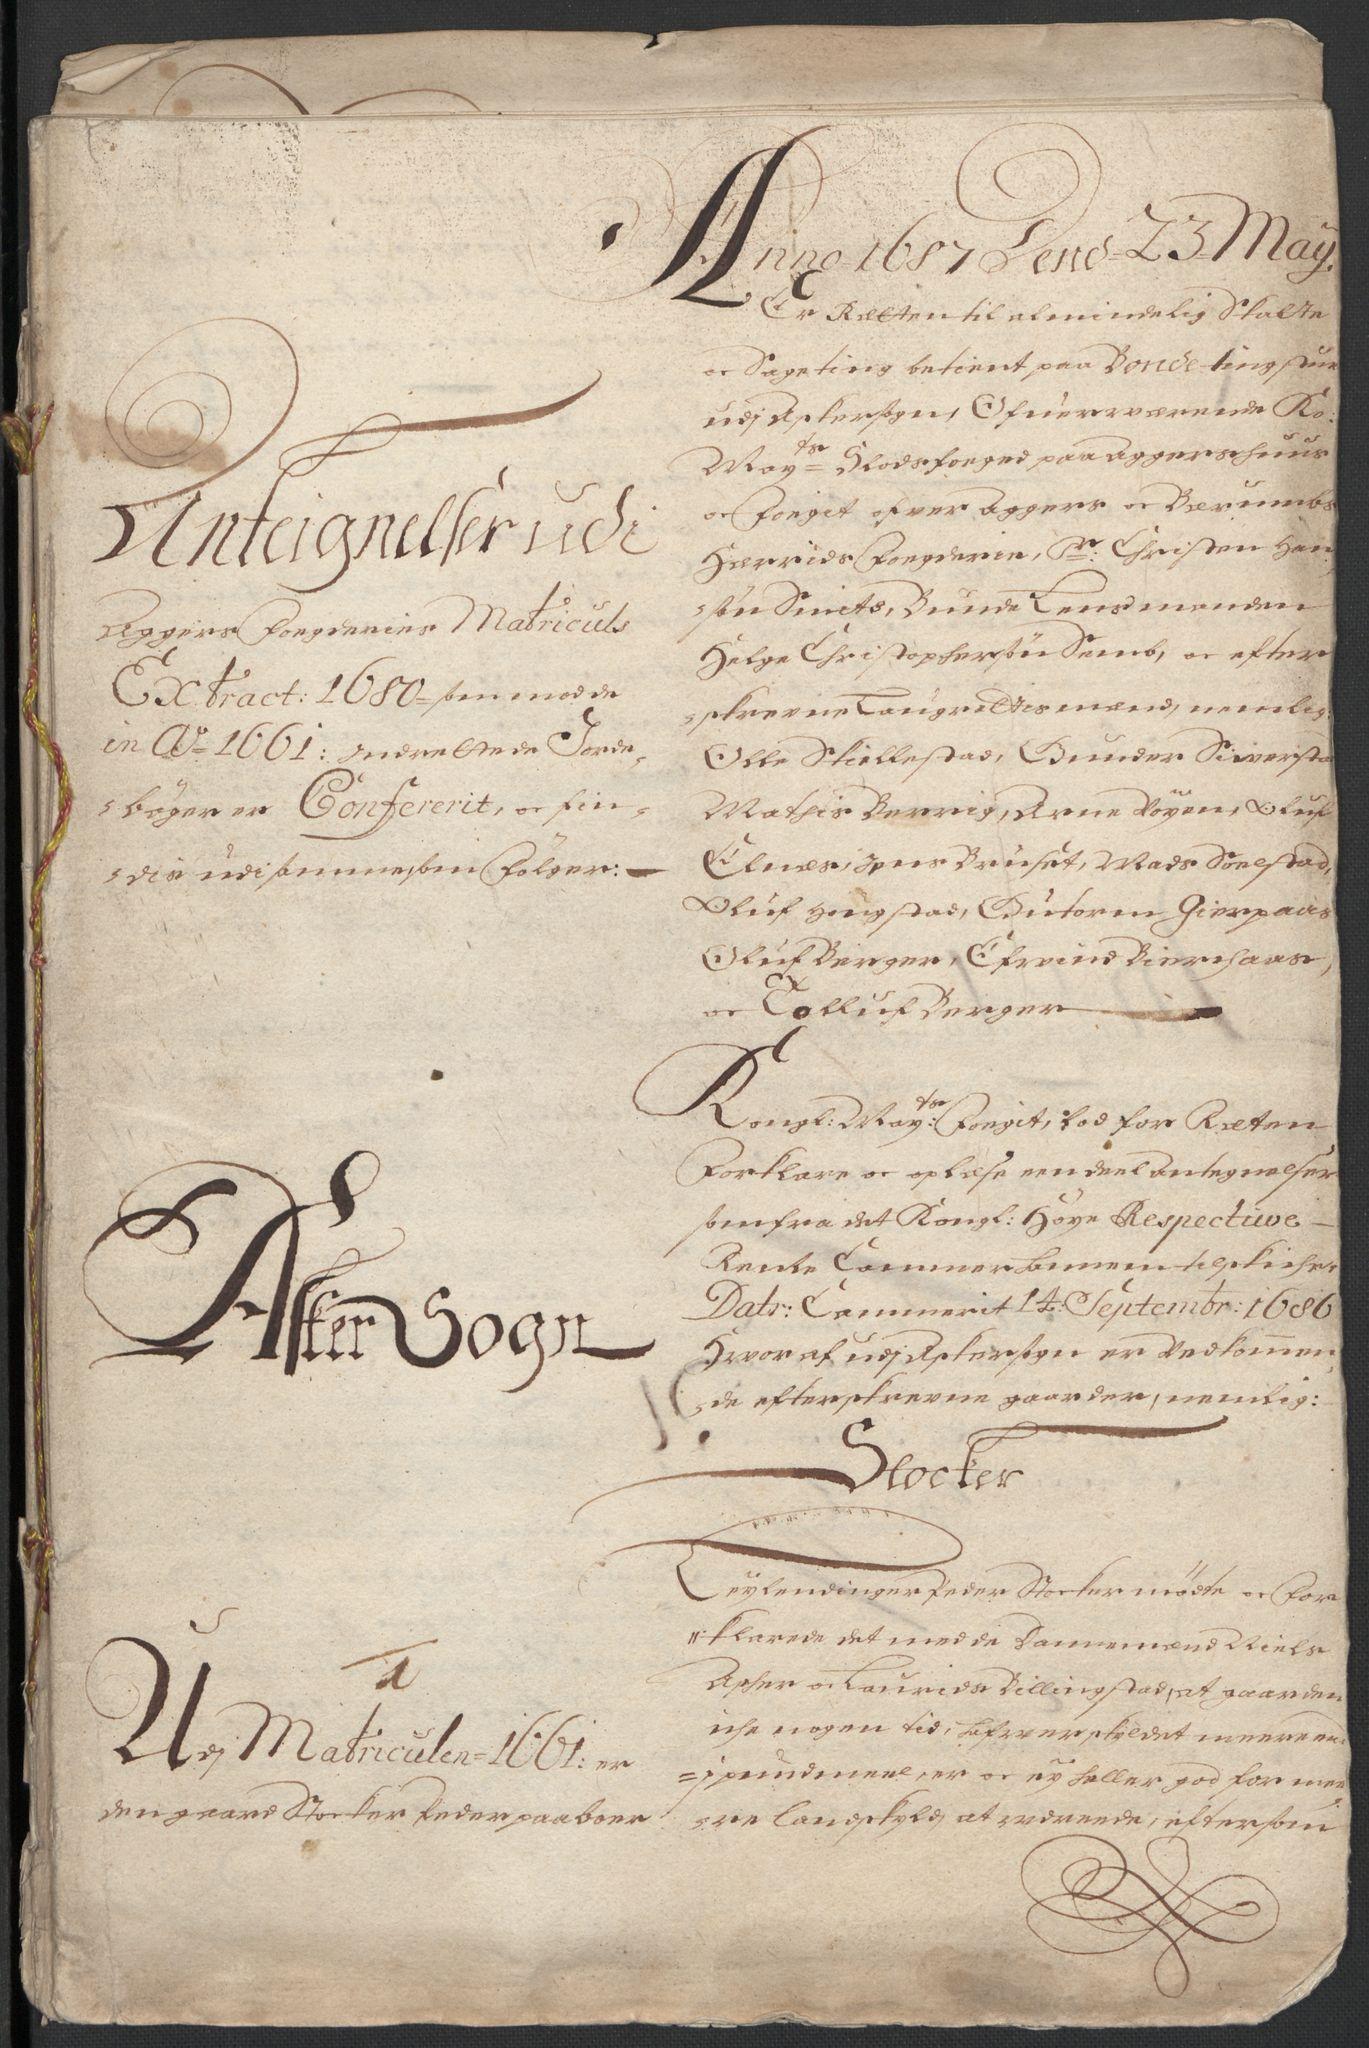 RA, Rentekammeret inntil 1814, Reviderte regnskaper, Fogderegnskap, R08/L0425: Fogderegnskap Aker, 1690-1691, s. 190